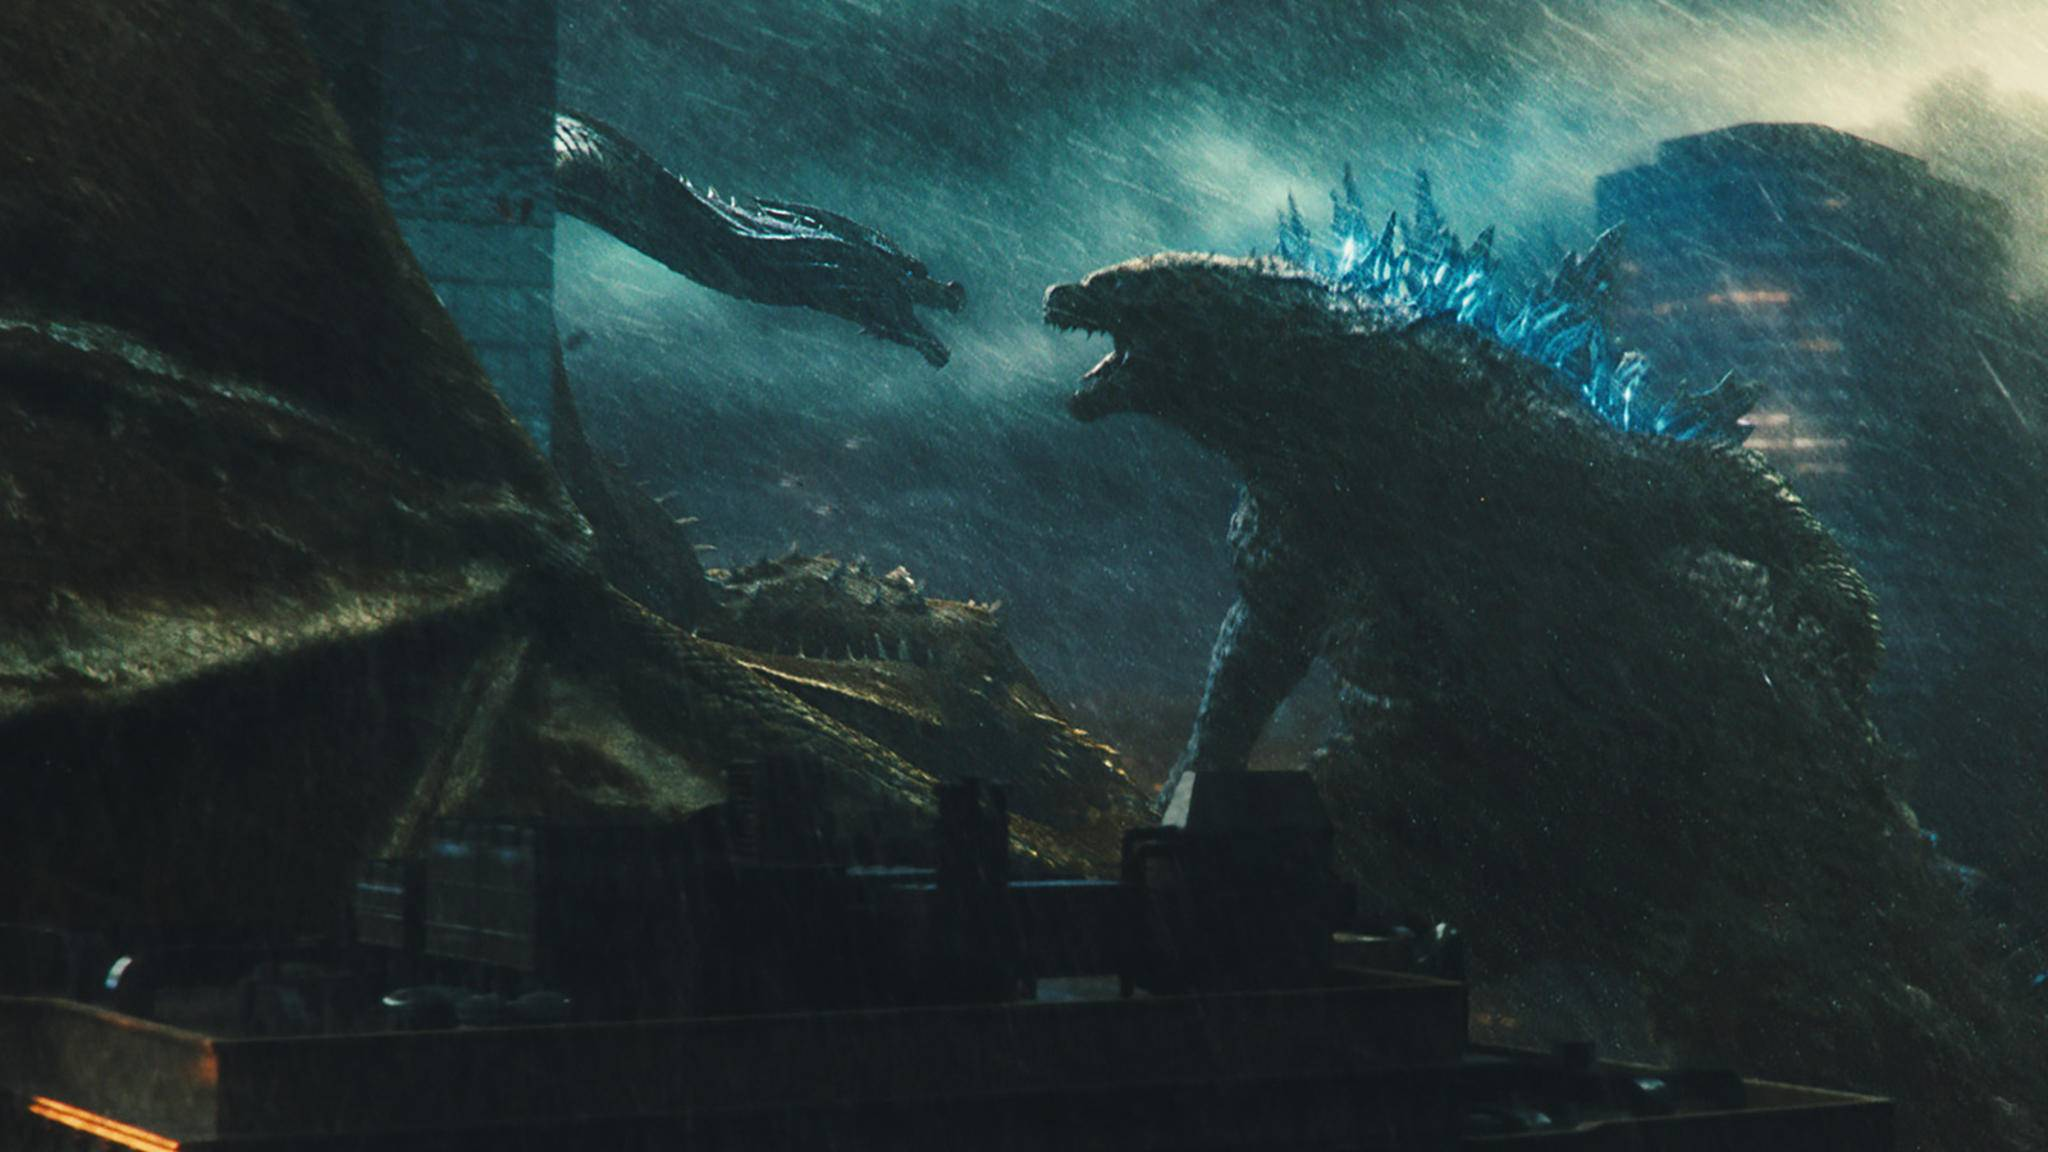 """Wer hat schon wieder das Terrarium offen gelassen? Jetzt geht's in """"Godzilla 2: King of the Monsters"""" rund!"""